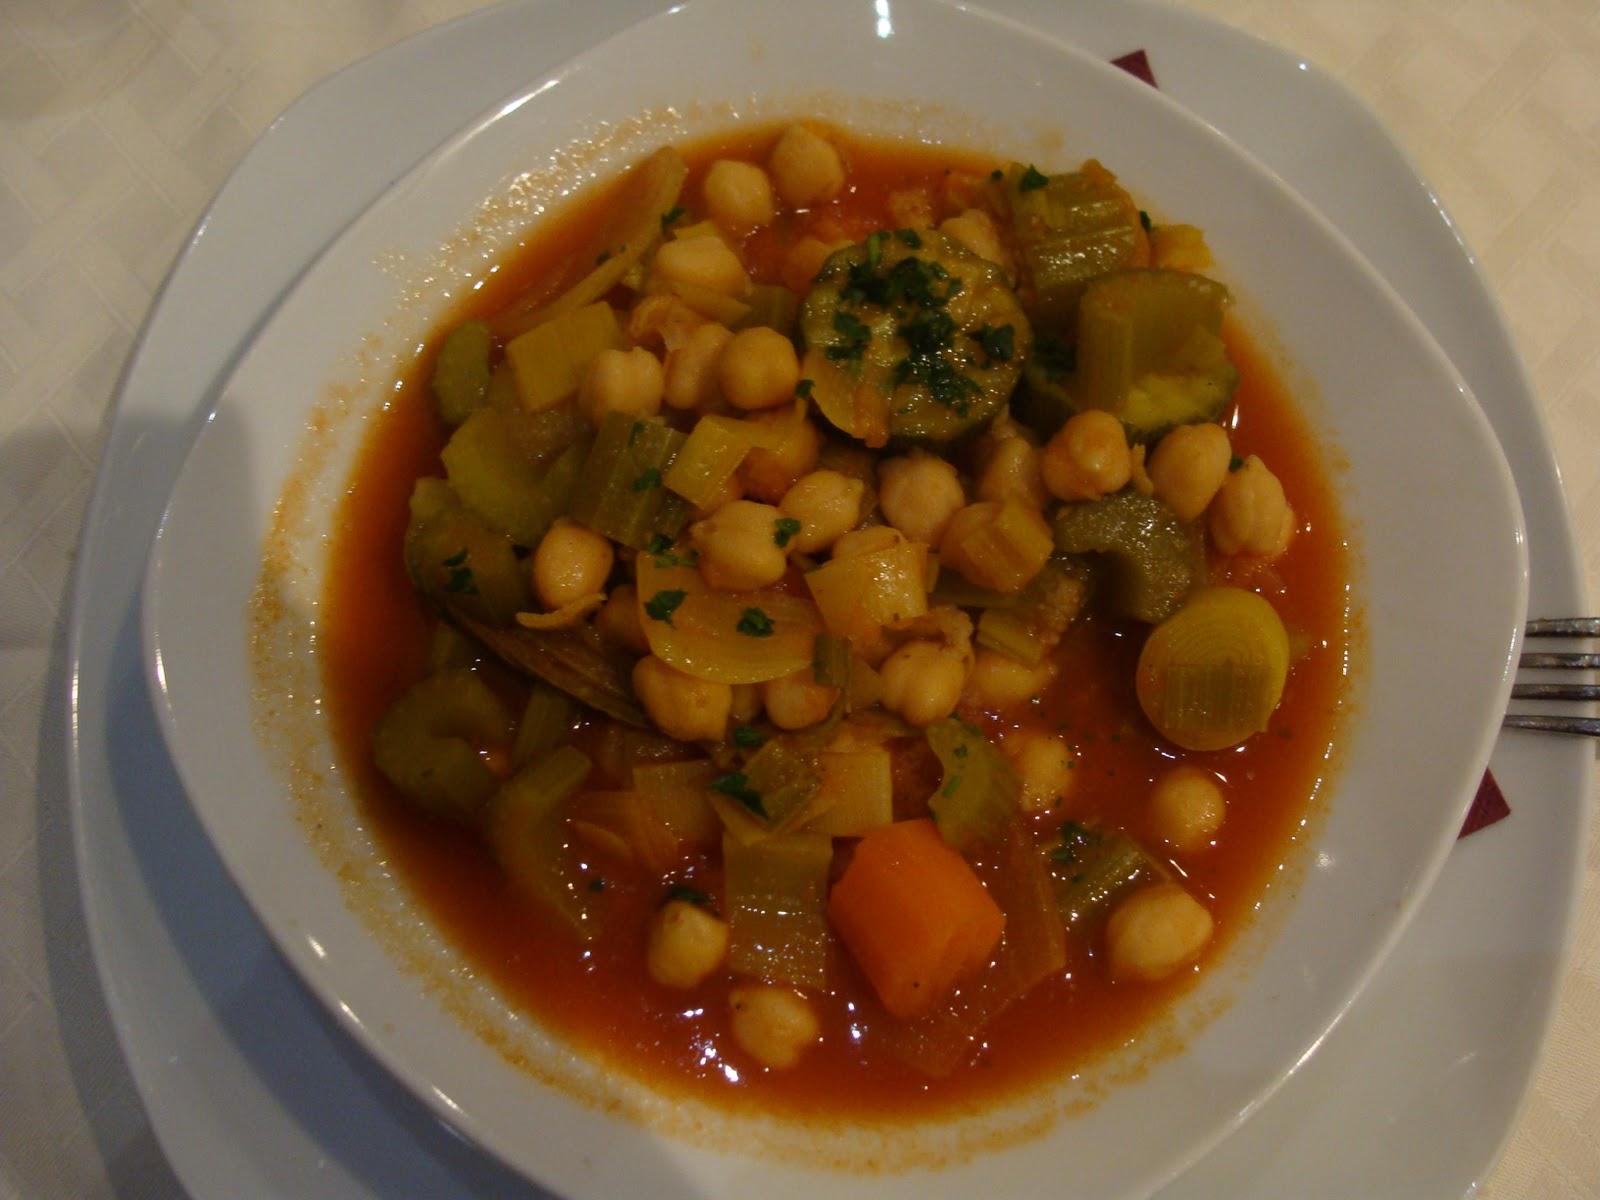 Autofocus Cucina Ebraica